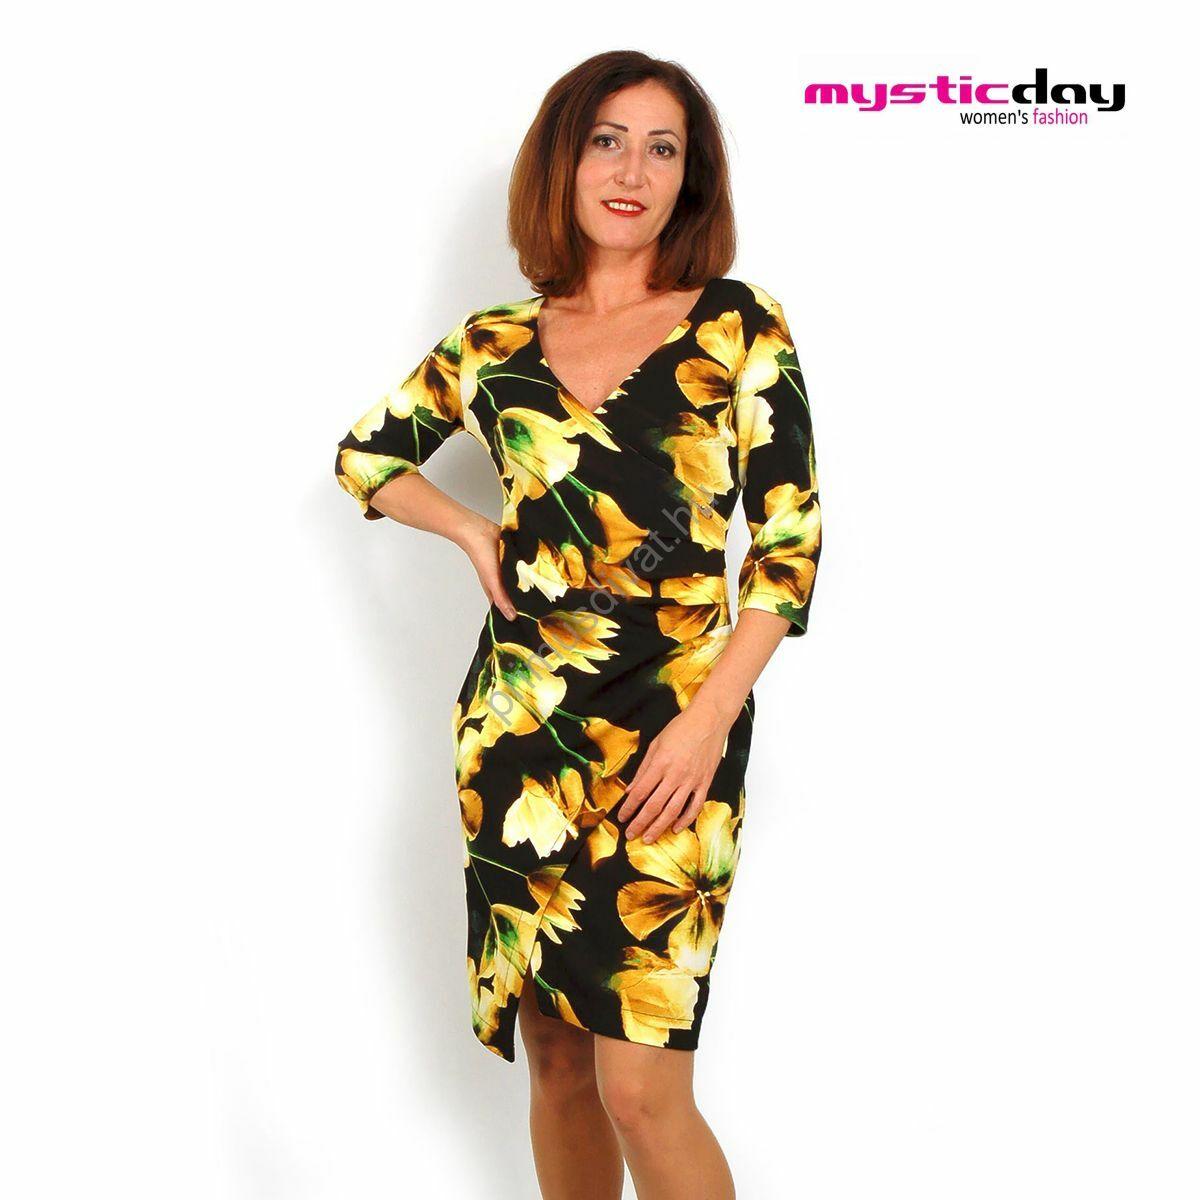 905379d0ea Kép 1/3 - Mystic Day oldalán csípésekkel ráncolt átlapolt elejű, fekete  alapon sárga virágmintás háromnegyedes ujjú ruha